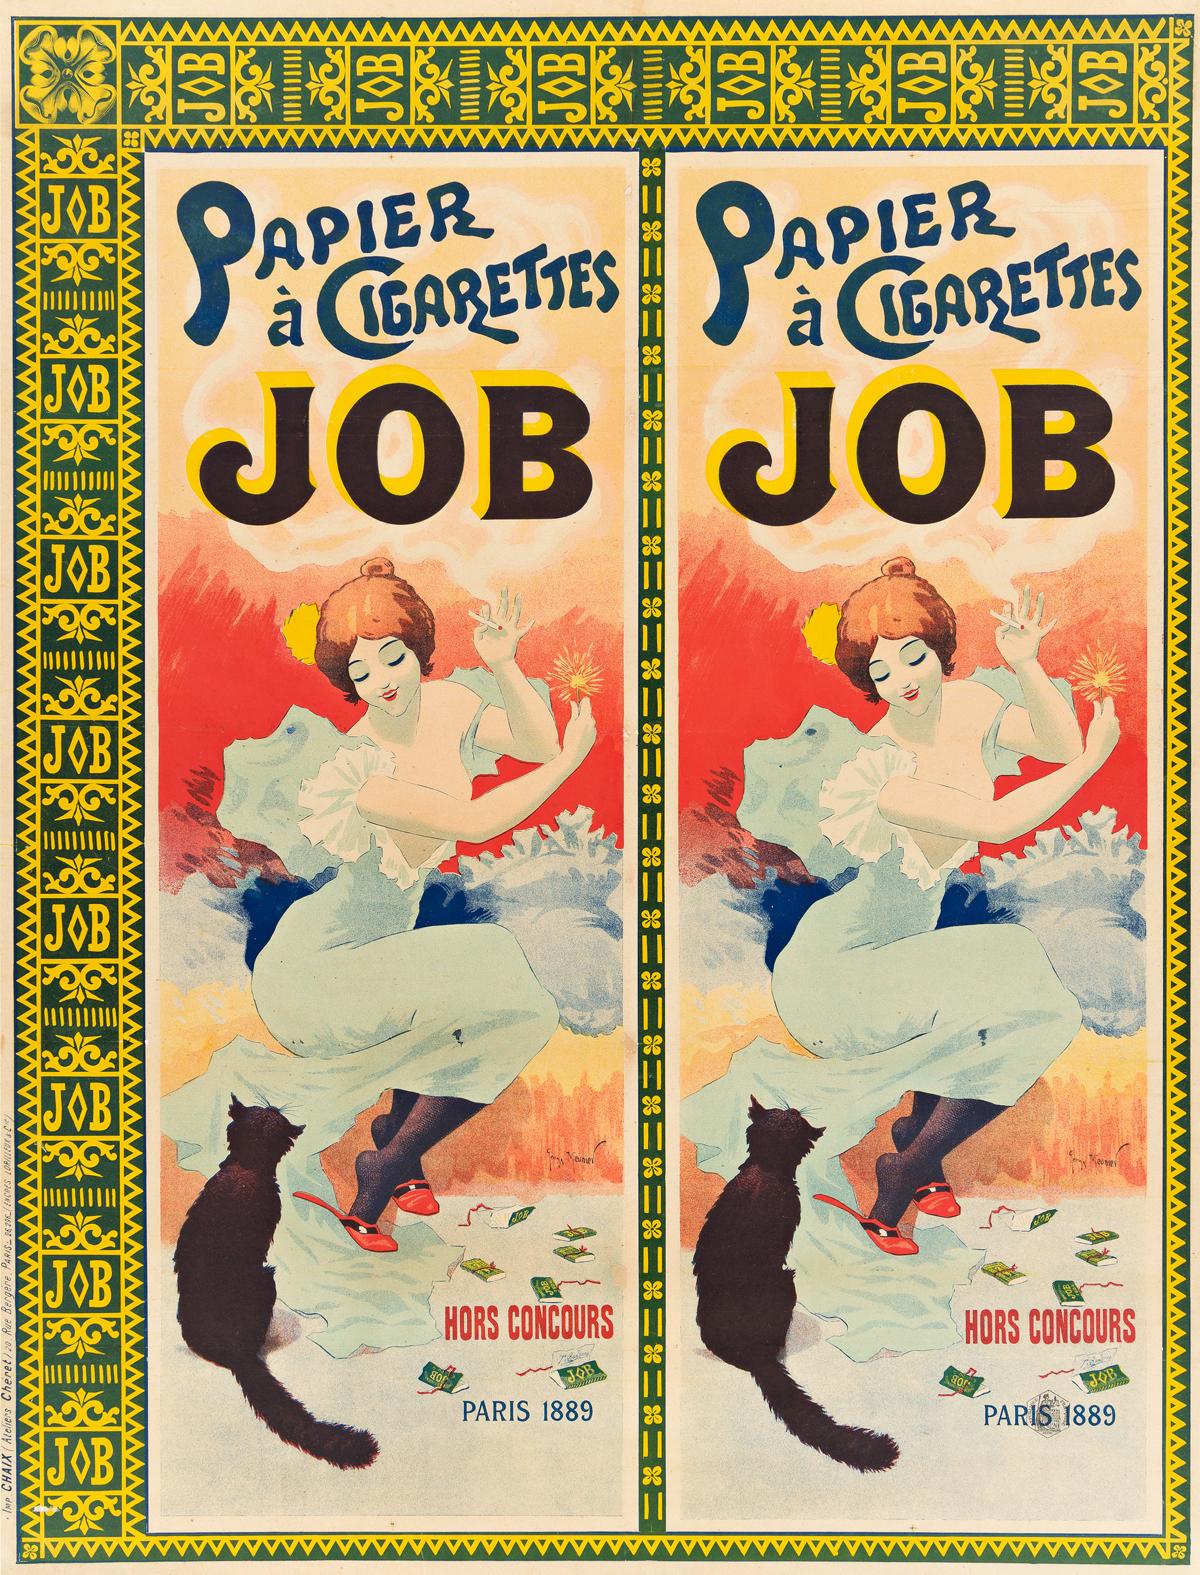 GEORGES MEUNIER (1869-1942).  JOB / PAPIER À CIGARETTES. 1894. 42¾x32½ inches, 108½x82½ cm. Chaix, Paris.